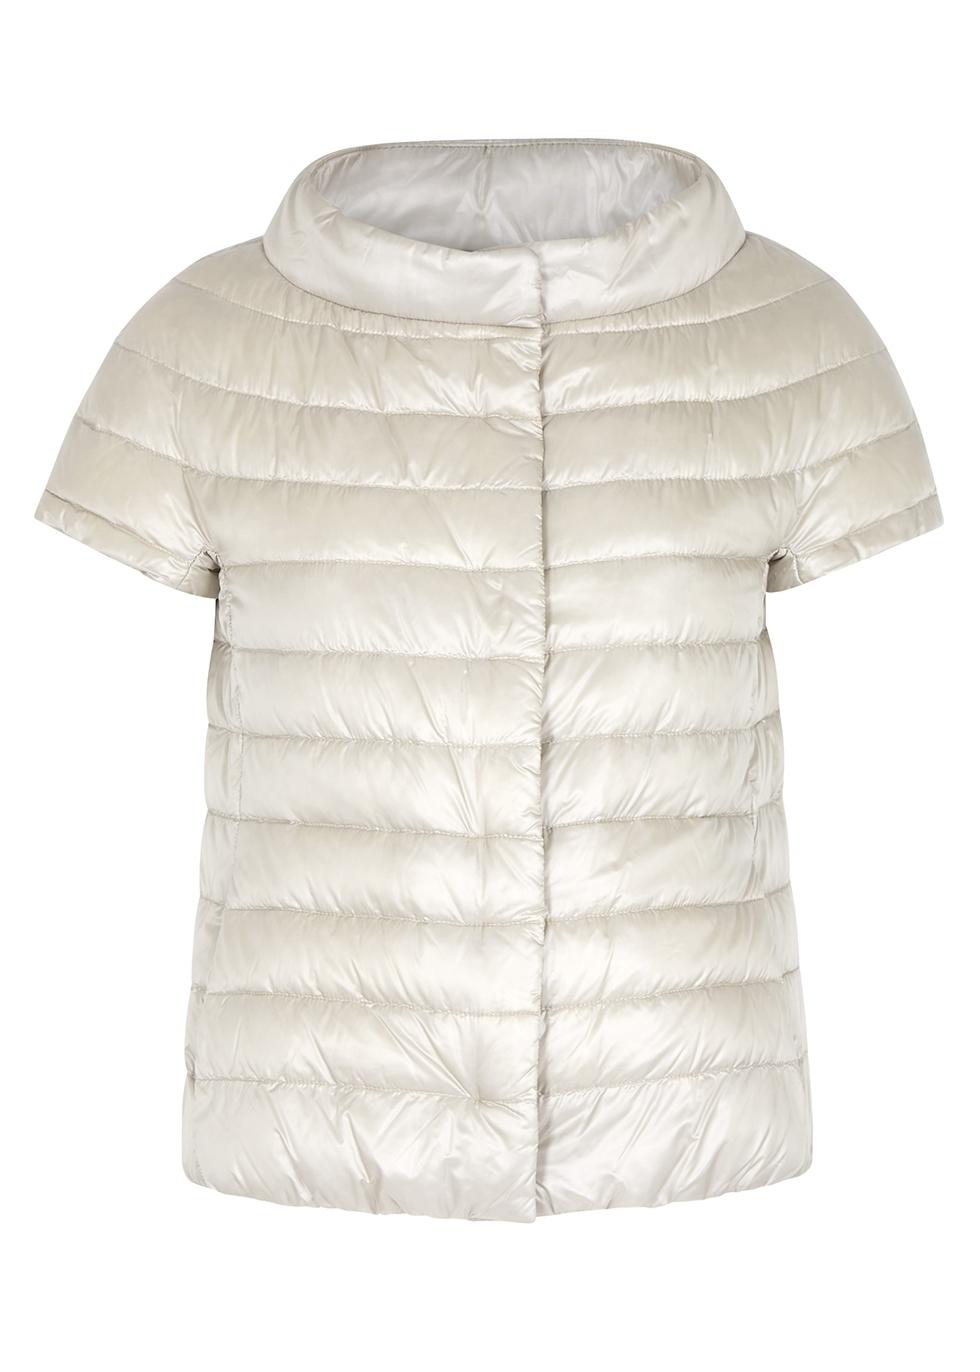 228a27fb8636 Designer Coats - Women's Winter Coats - Harvey Nichols